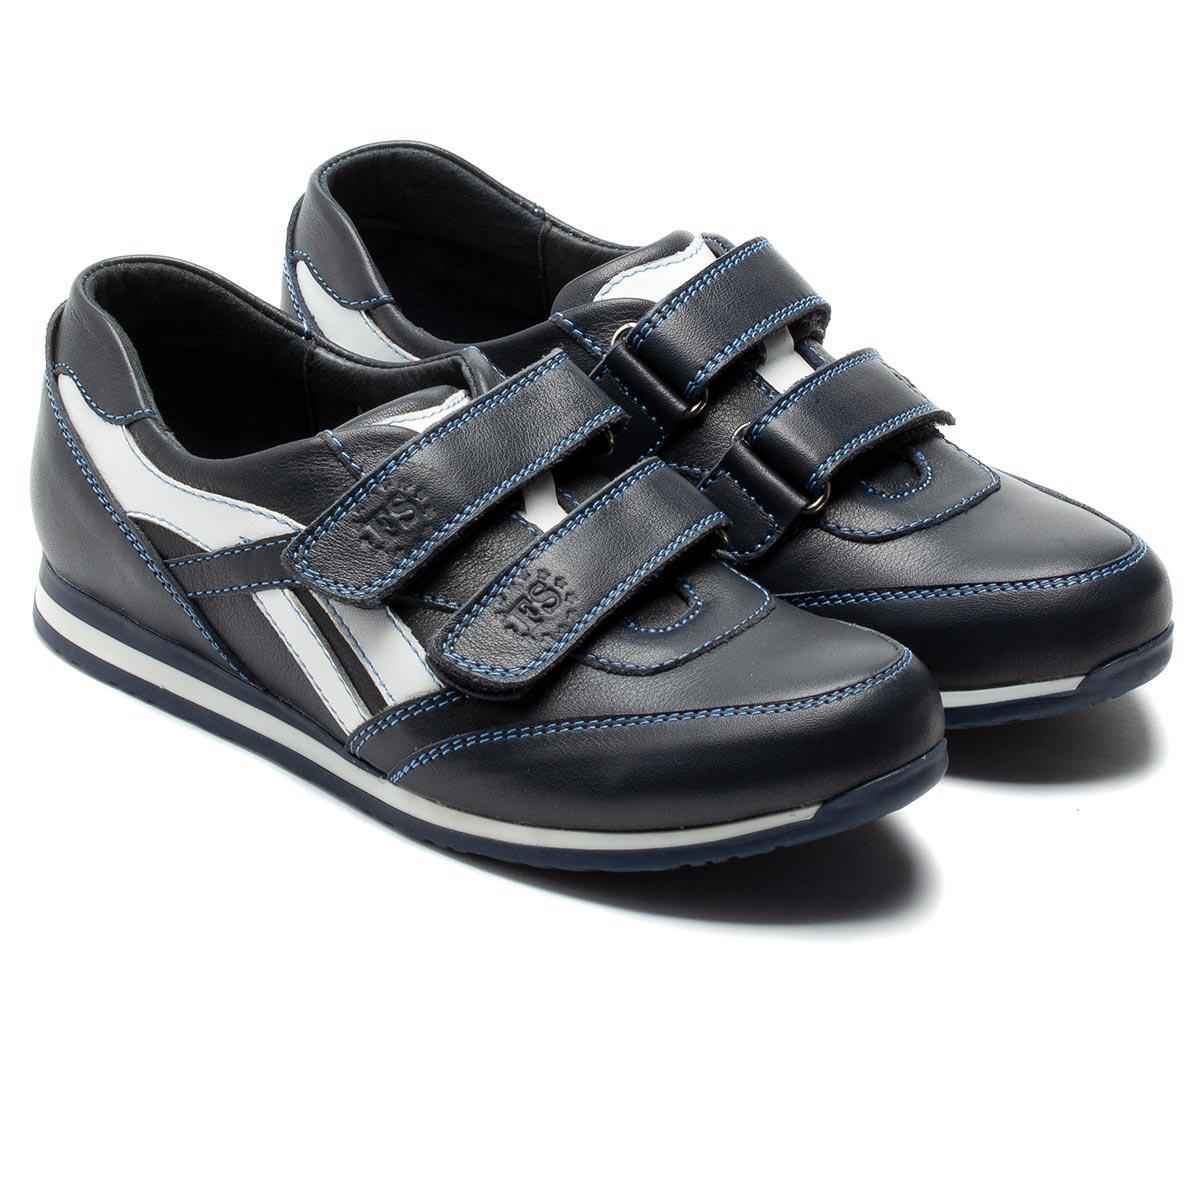 6618aa10 Детские ортопедические кроссовки FS Сollection для мальчиков, размер 31-35  - Детская обувь ORTOPEDIC